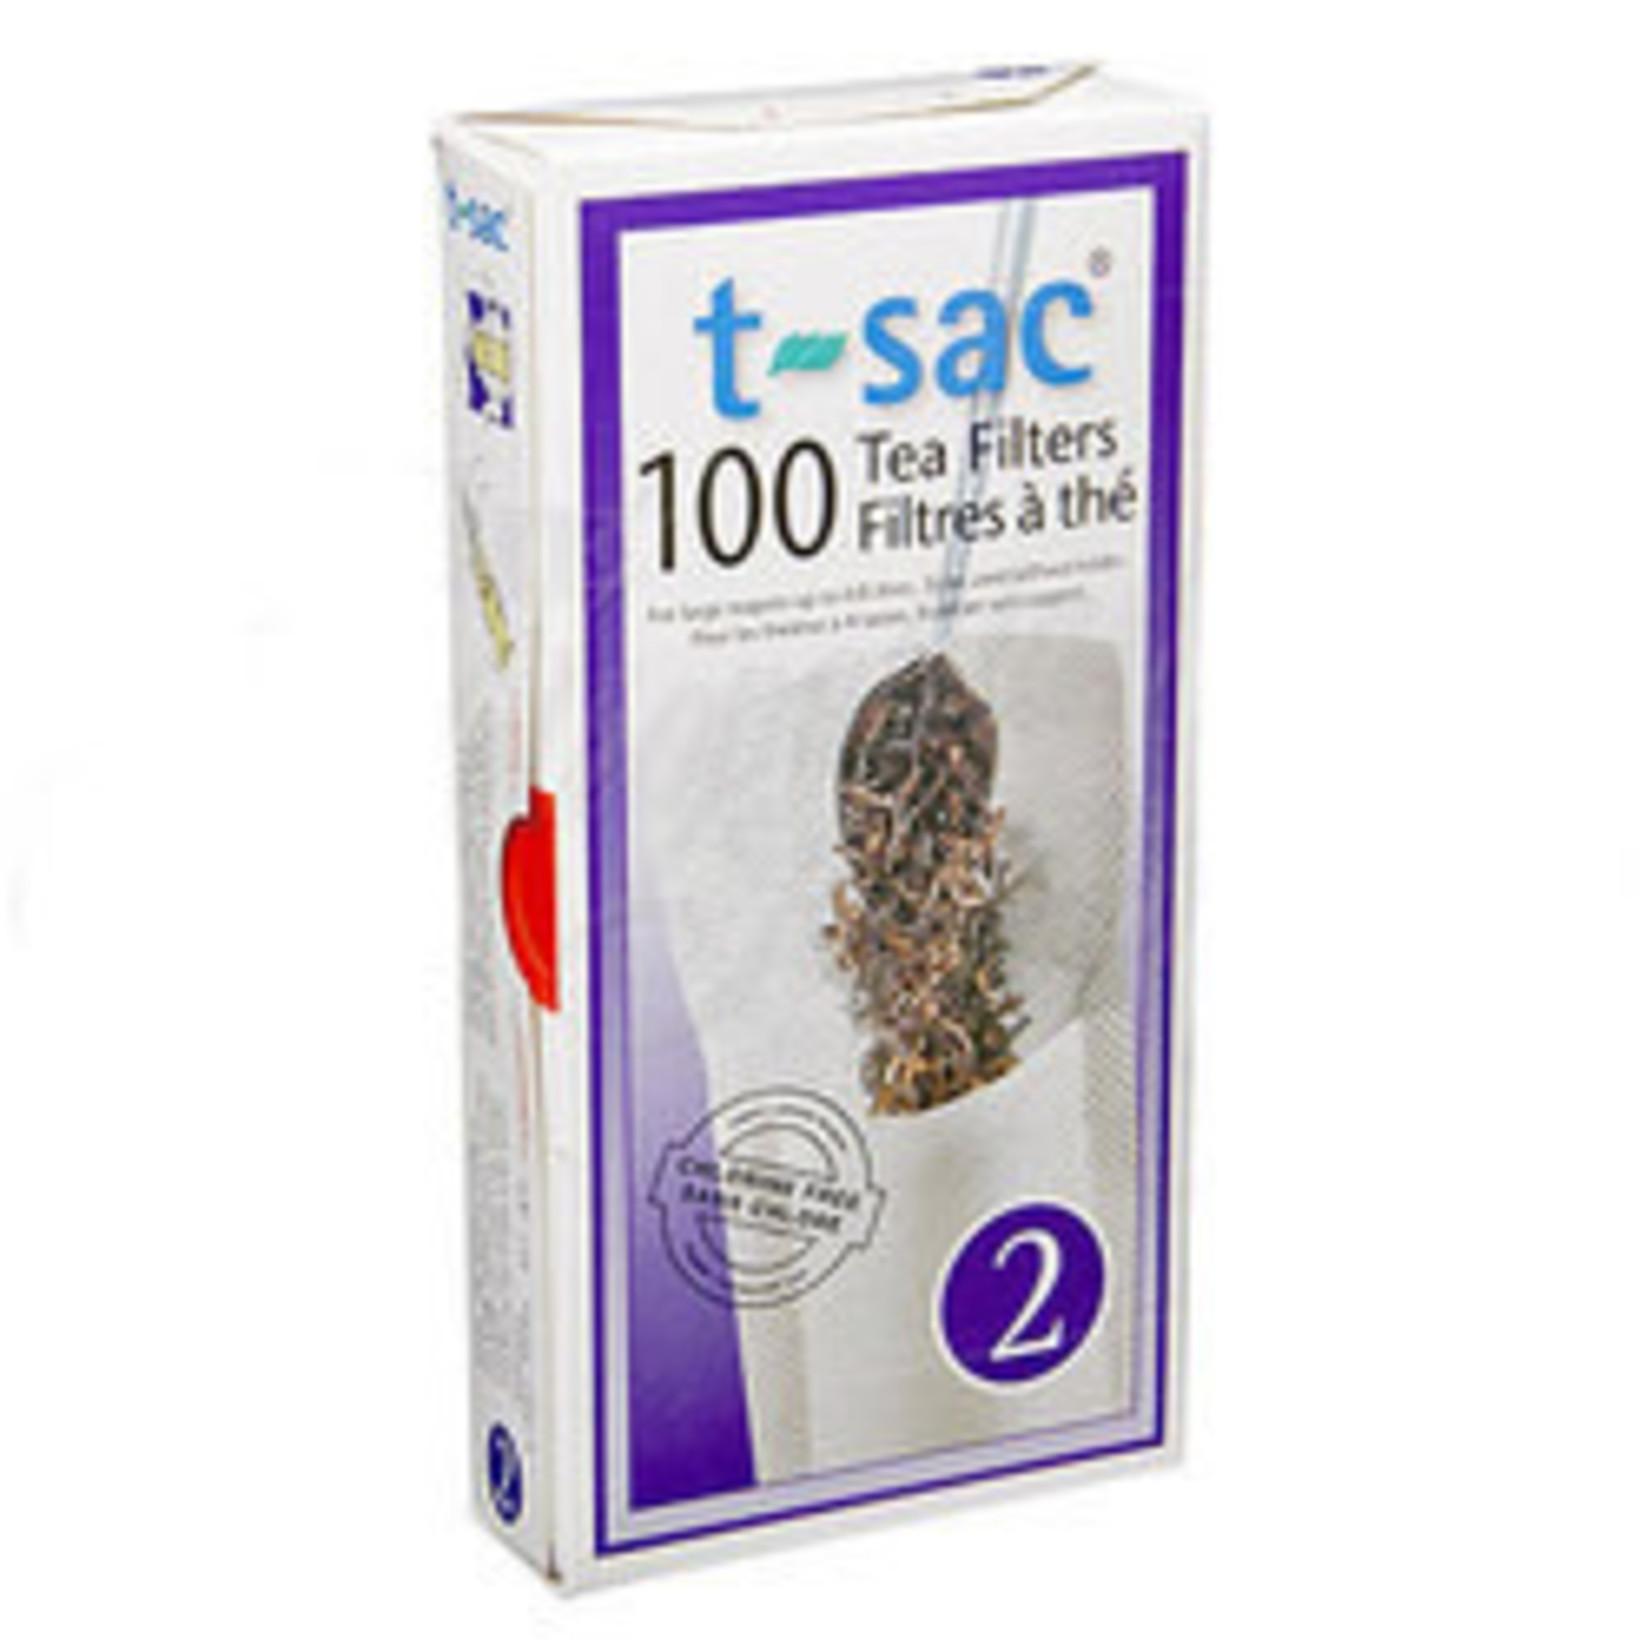 t-sac #2 Tea Filter 2-4 Cup 100ct